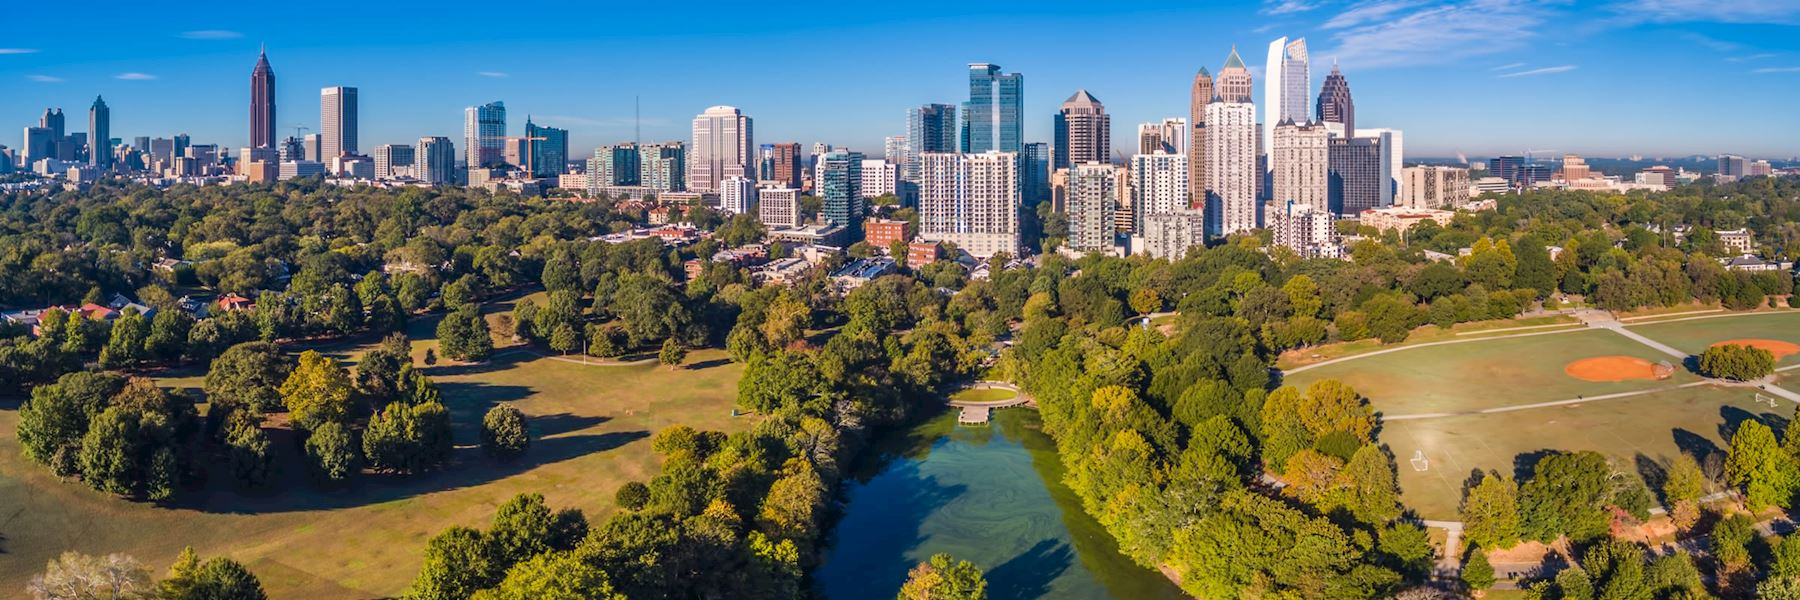 Visit Atlanta, Deep South